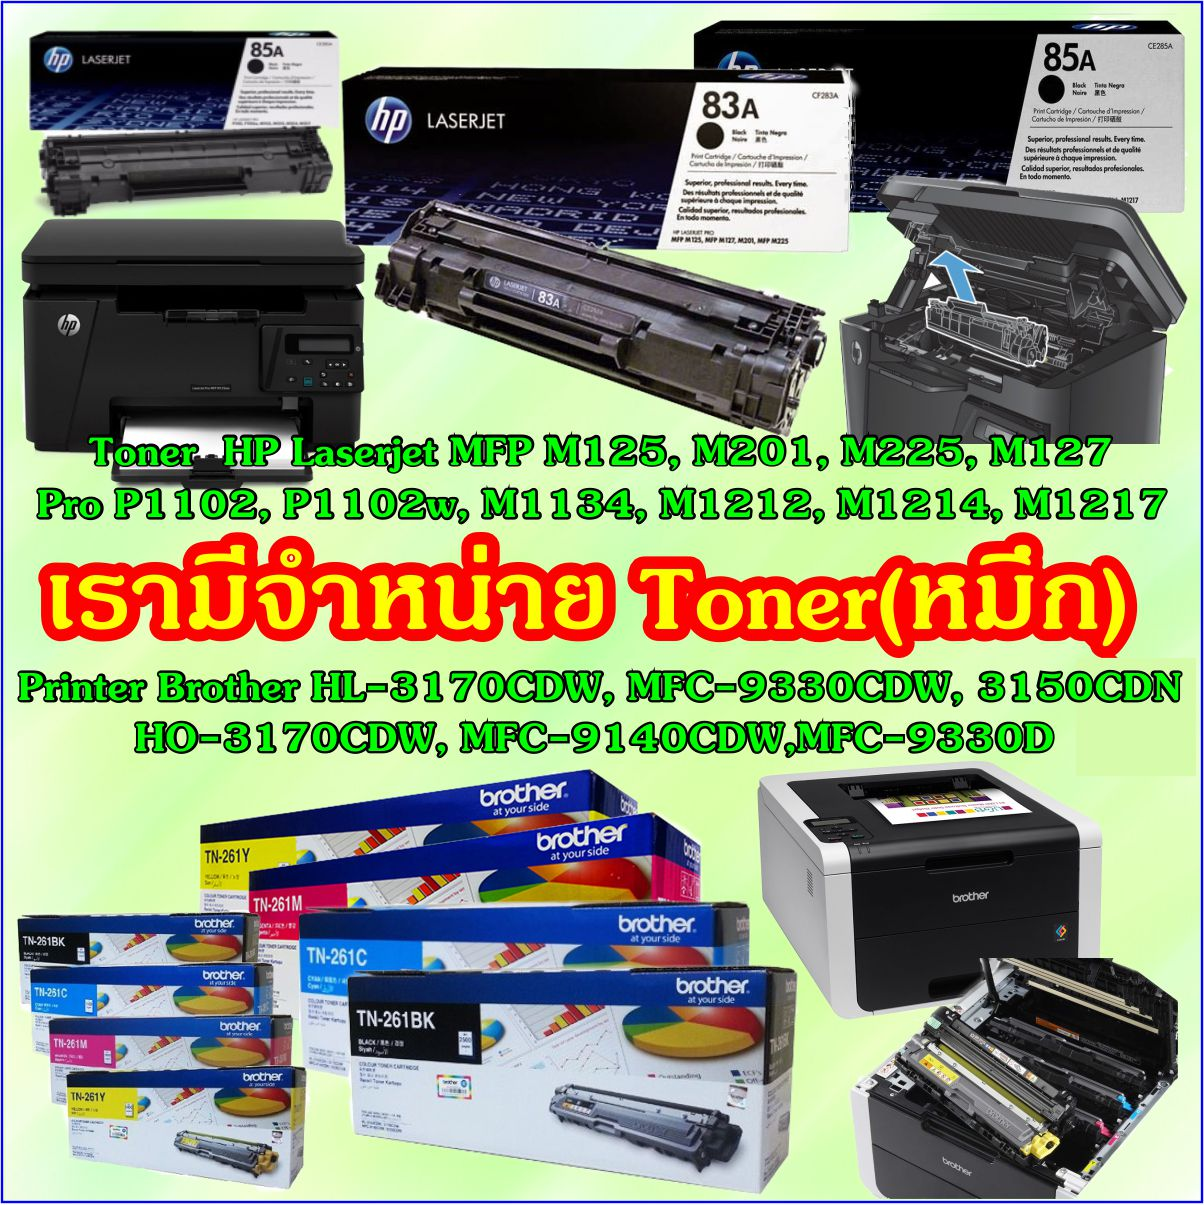 Toner HP Laserjet M125, M201, M225, M127, P1102, P1102w, M1134, M1212, M1214, M1217, Brother HL-3170CDW , MFC-9330CDW,3150CDN ,HO-3170CDW,MFC-9140CDW,MFC-9330D